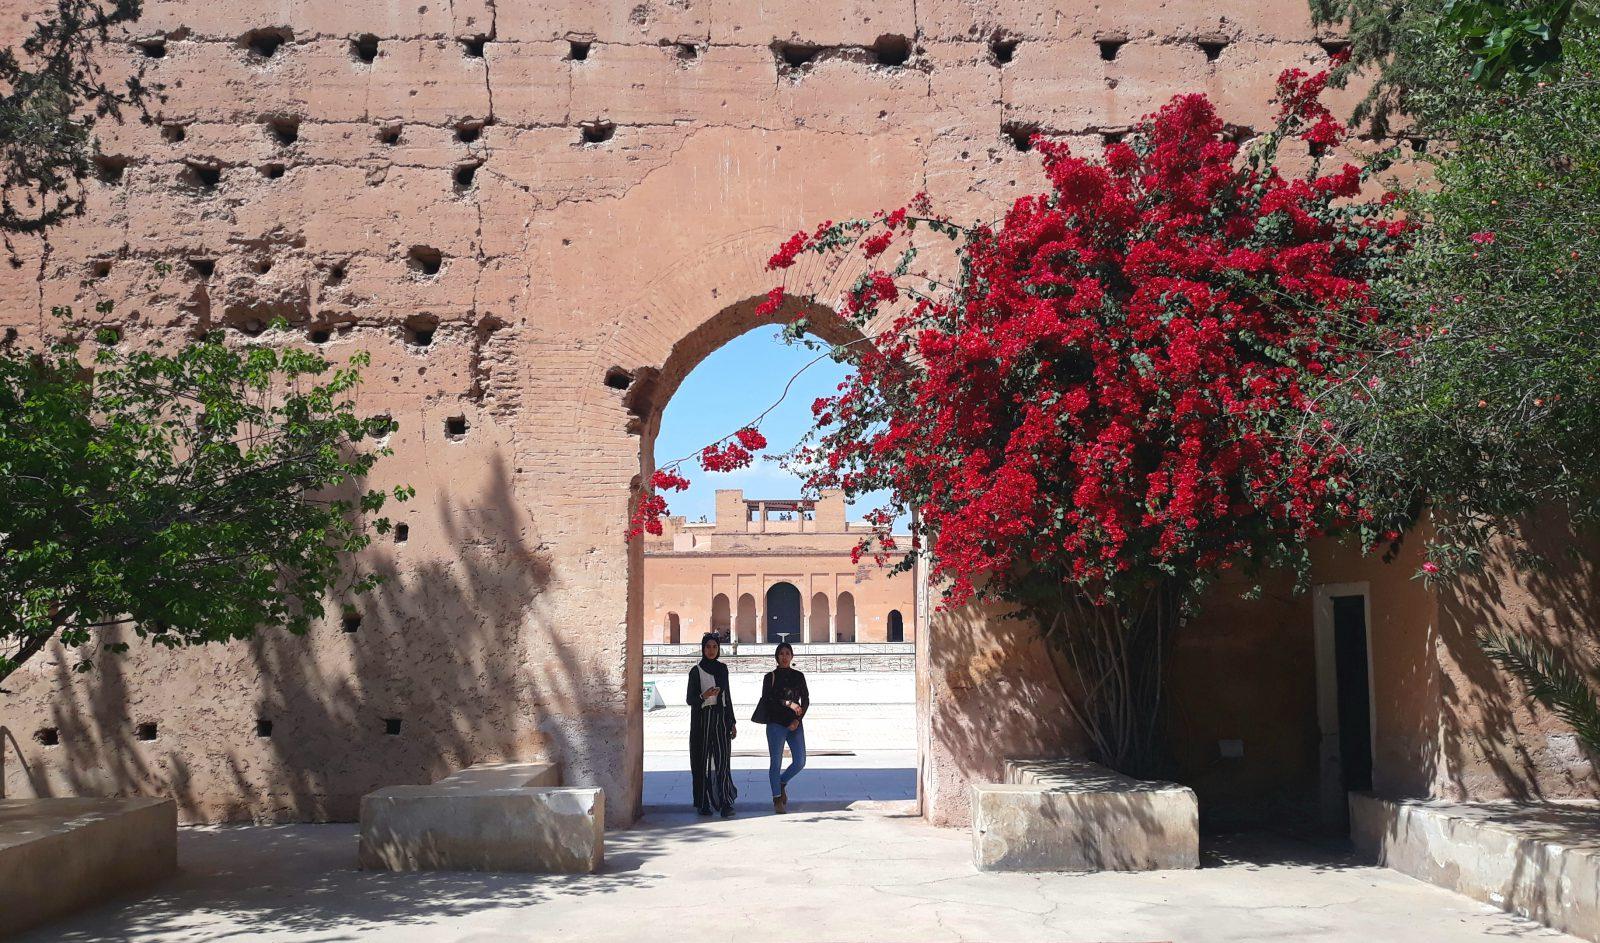 Dag 2 - Groepsreis Marrakech & meer - NL reisleider